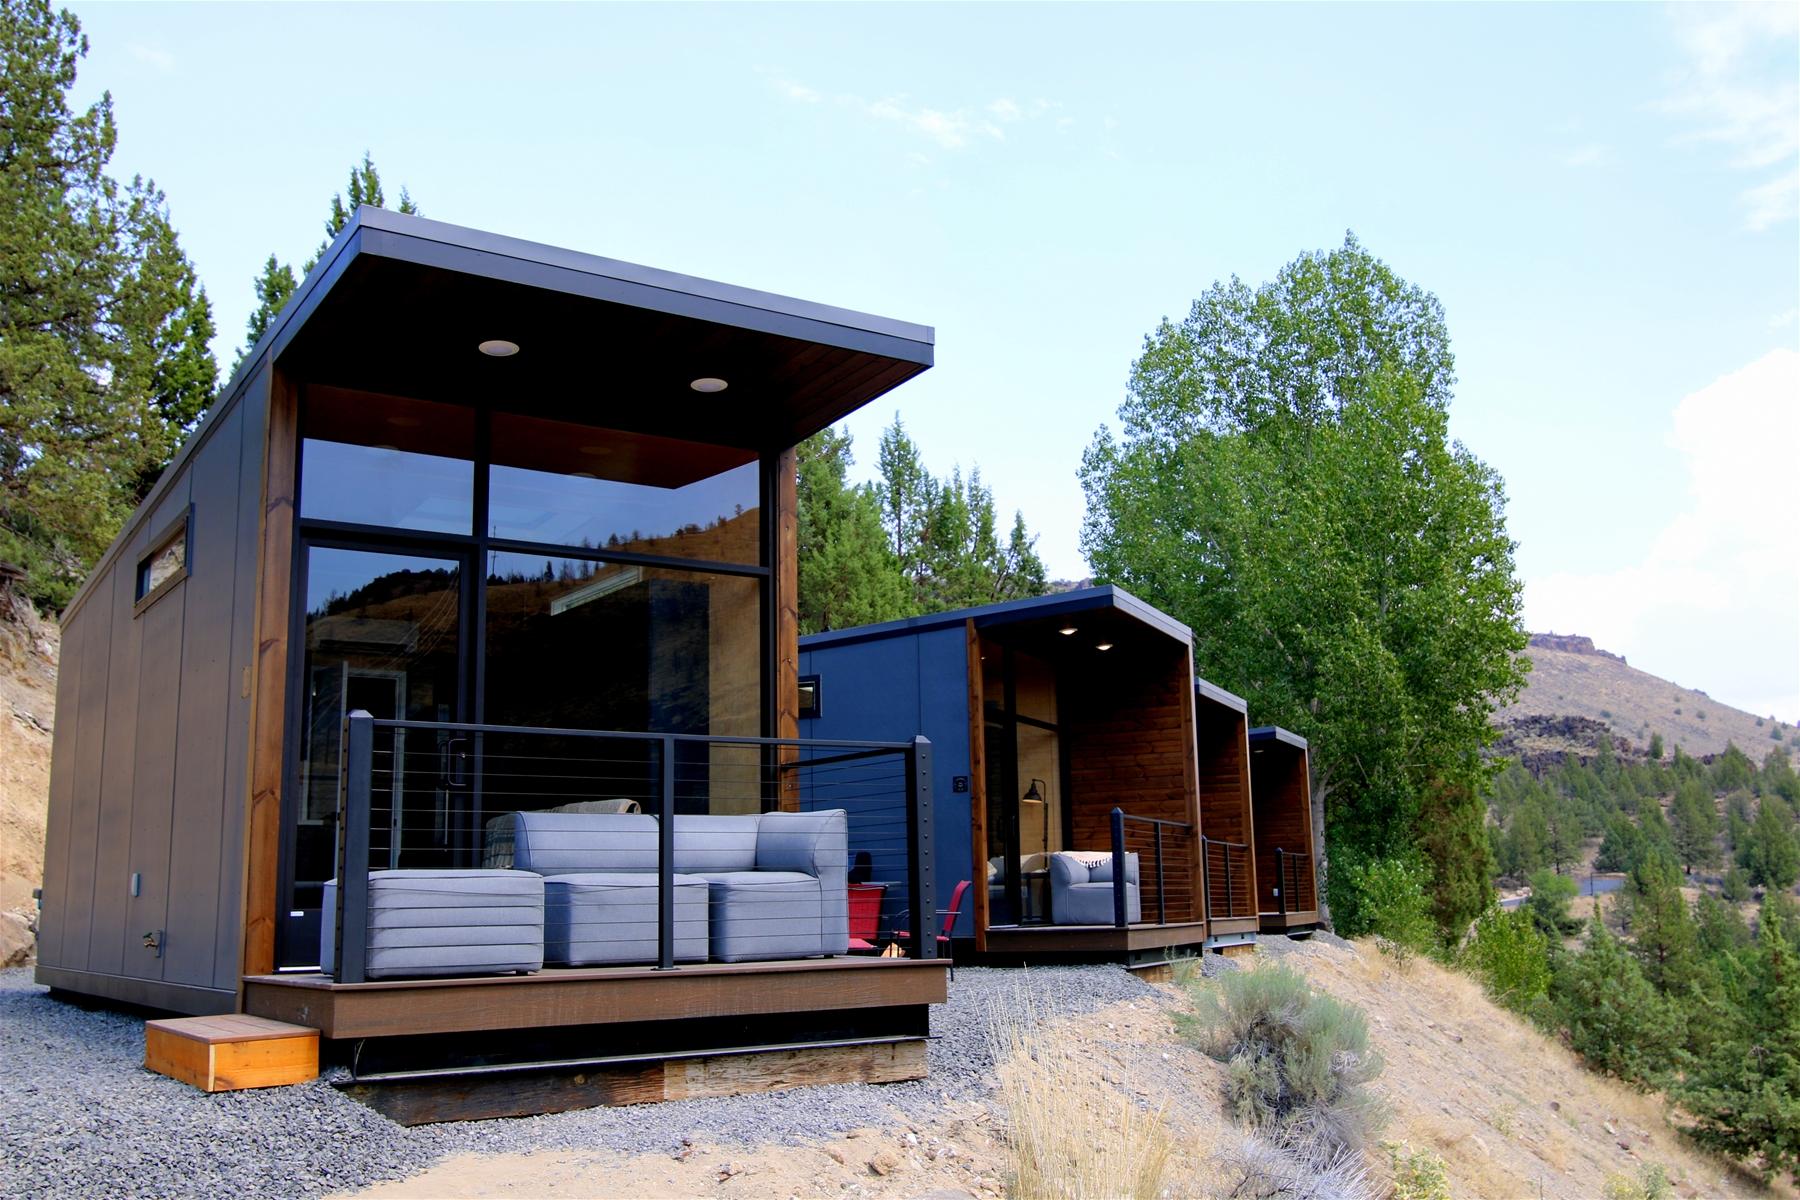 New Crown Point Tiny Homes at Lake Simtustus Resort